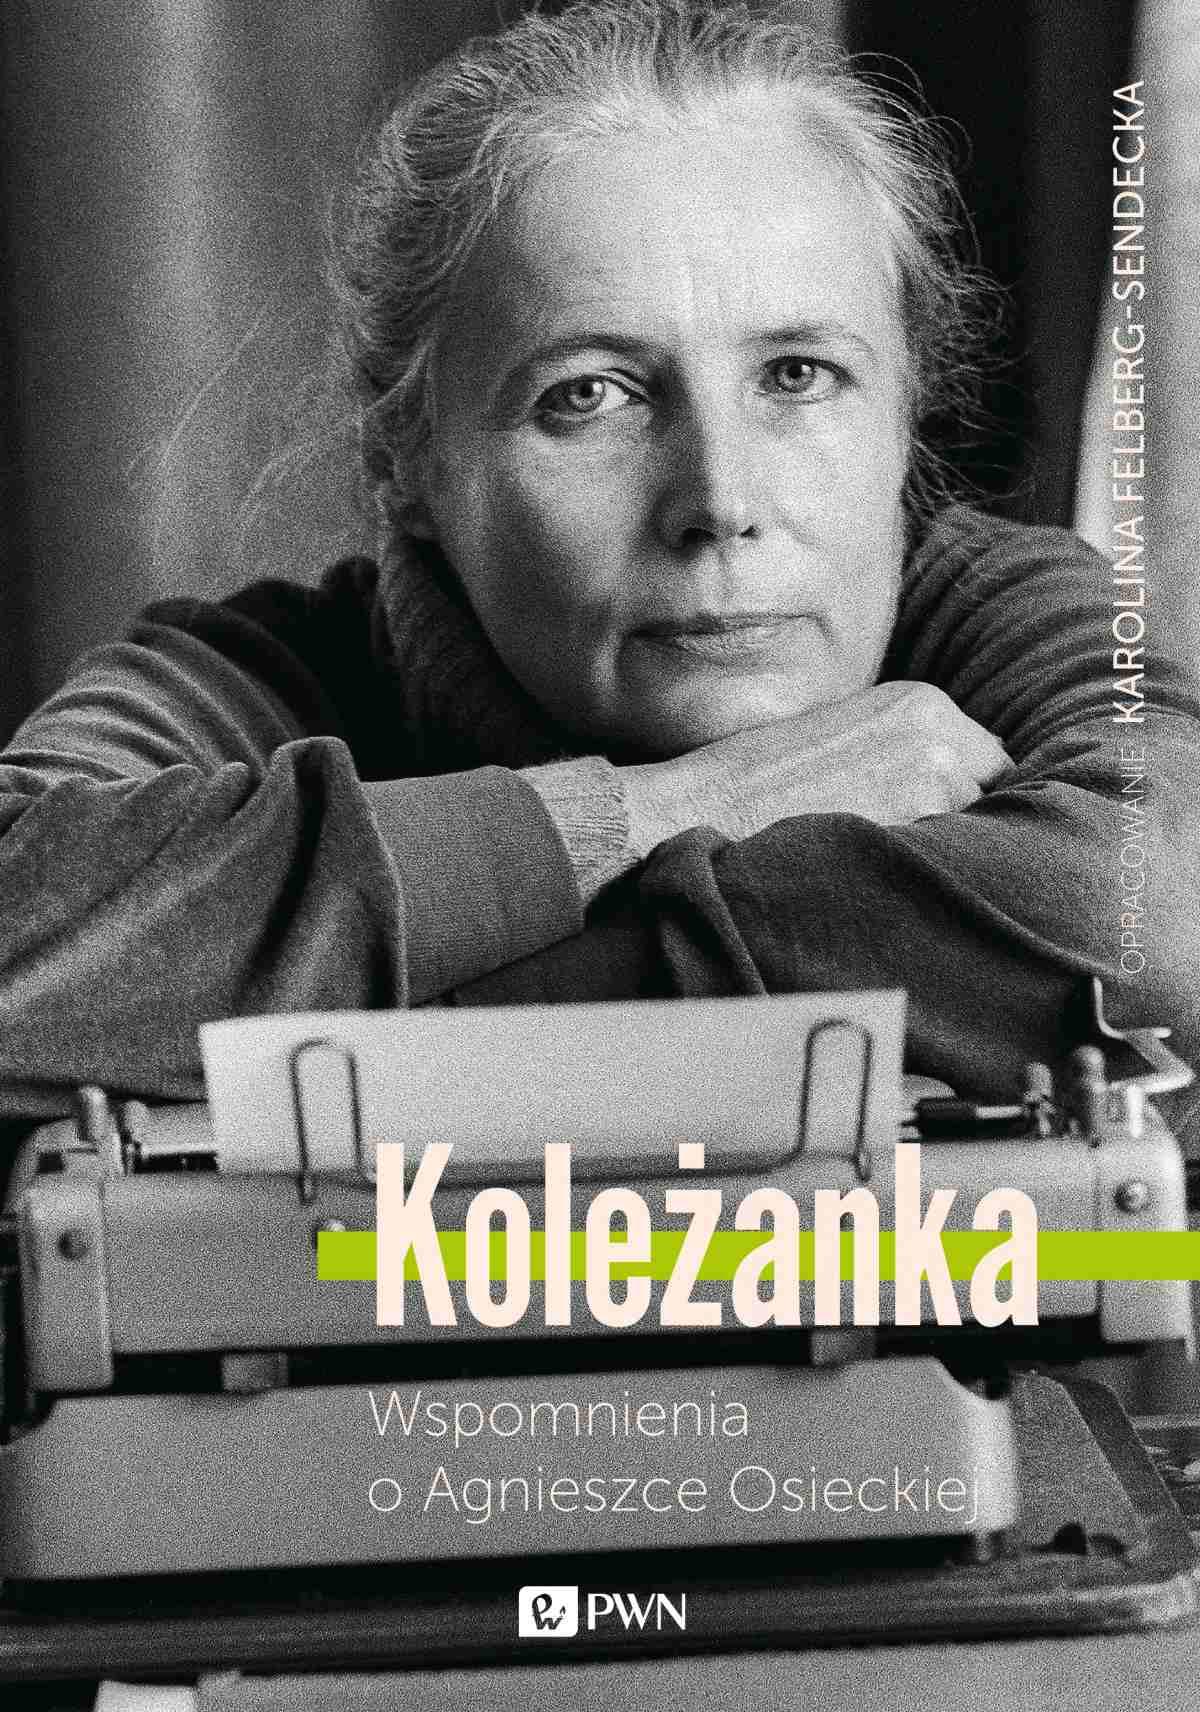 Koleżanka. Wspomnienia o Agnieszce Osieckiej - Ebook (Książka EPUB) do pobrania w formacie EPUB